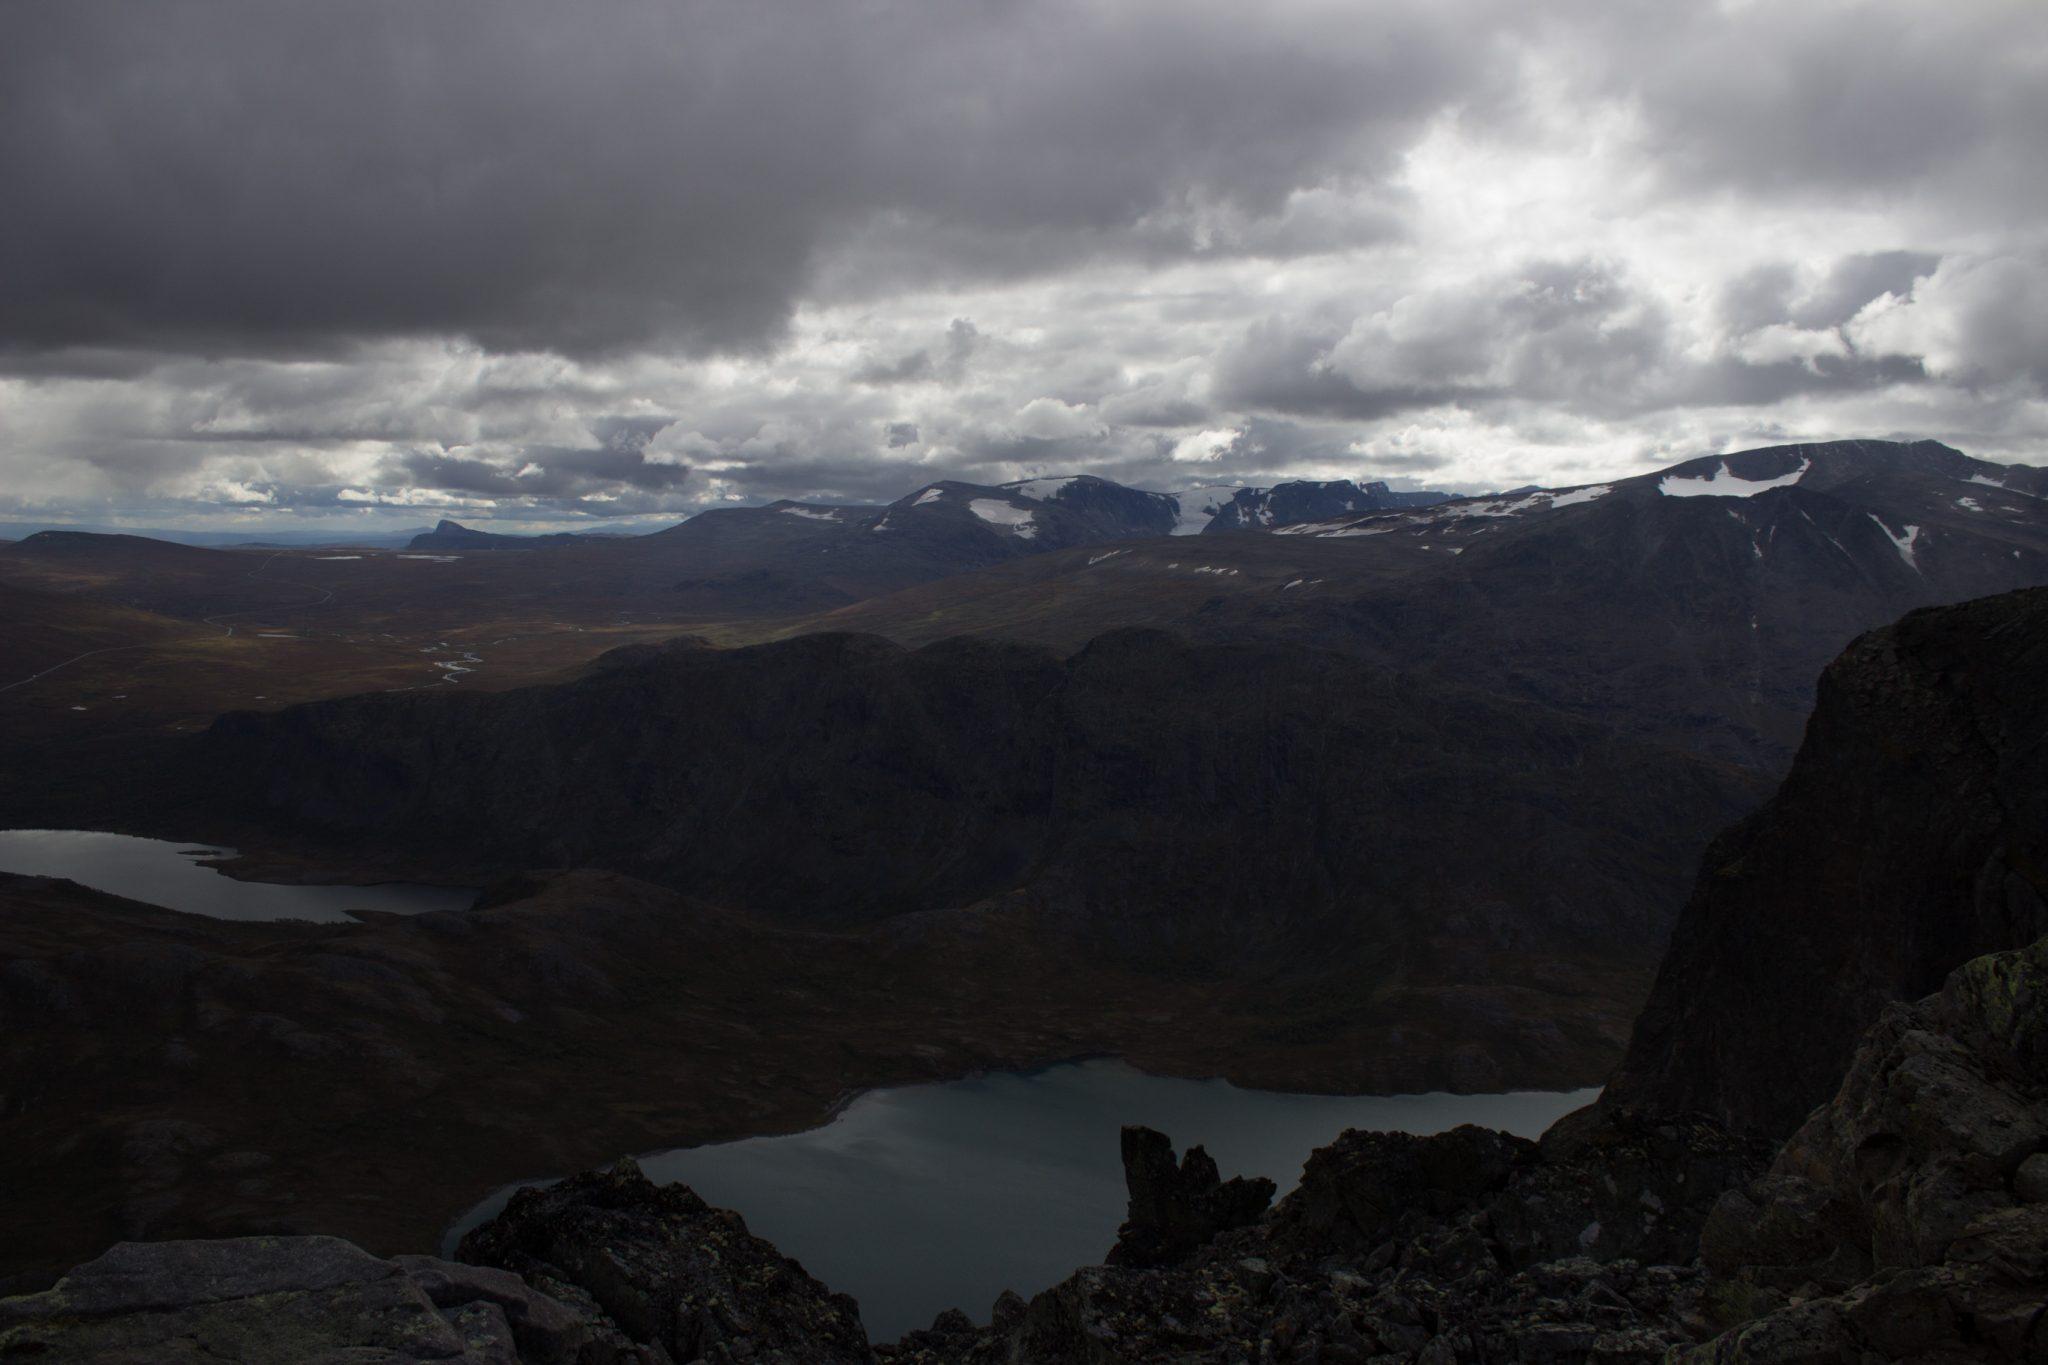 Wanderung Besseggen-Grat im Jotunheimen Nationalpark, Aussicht auf wunderschönen Seen und umgebende Berge, Wetterumschwung von Sonnenschein zu dichter Bewölkung